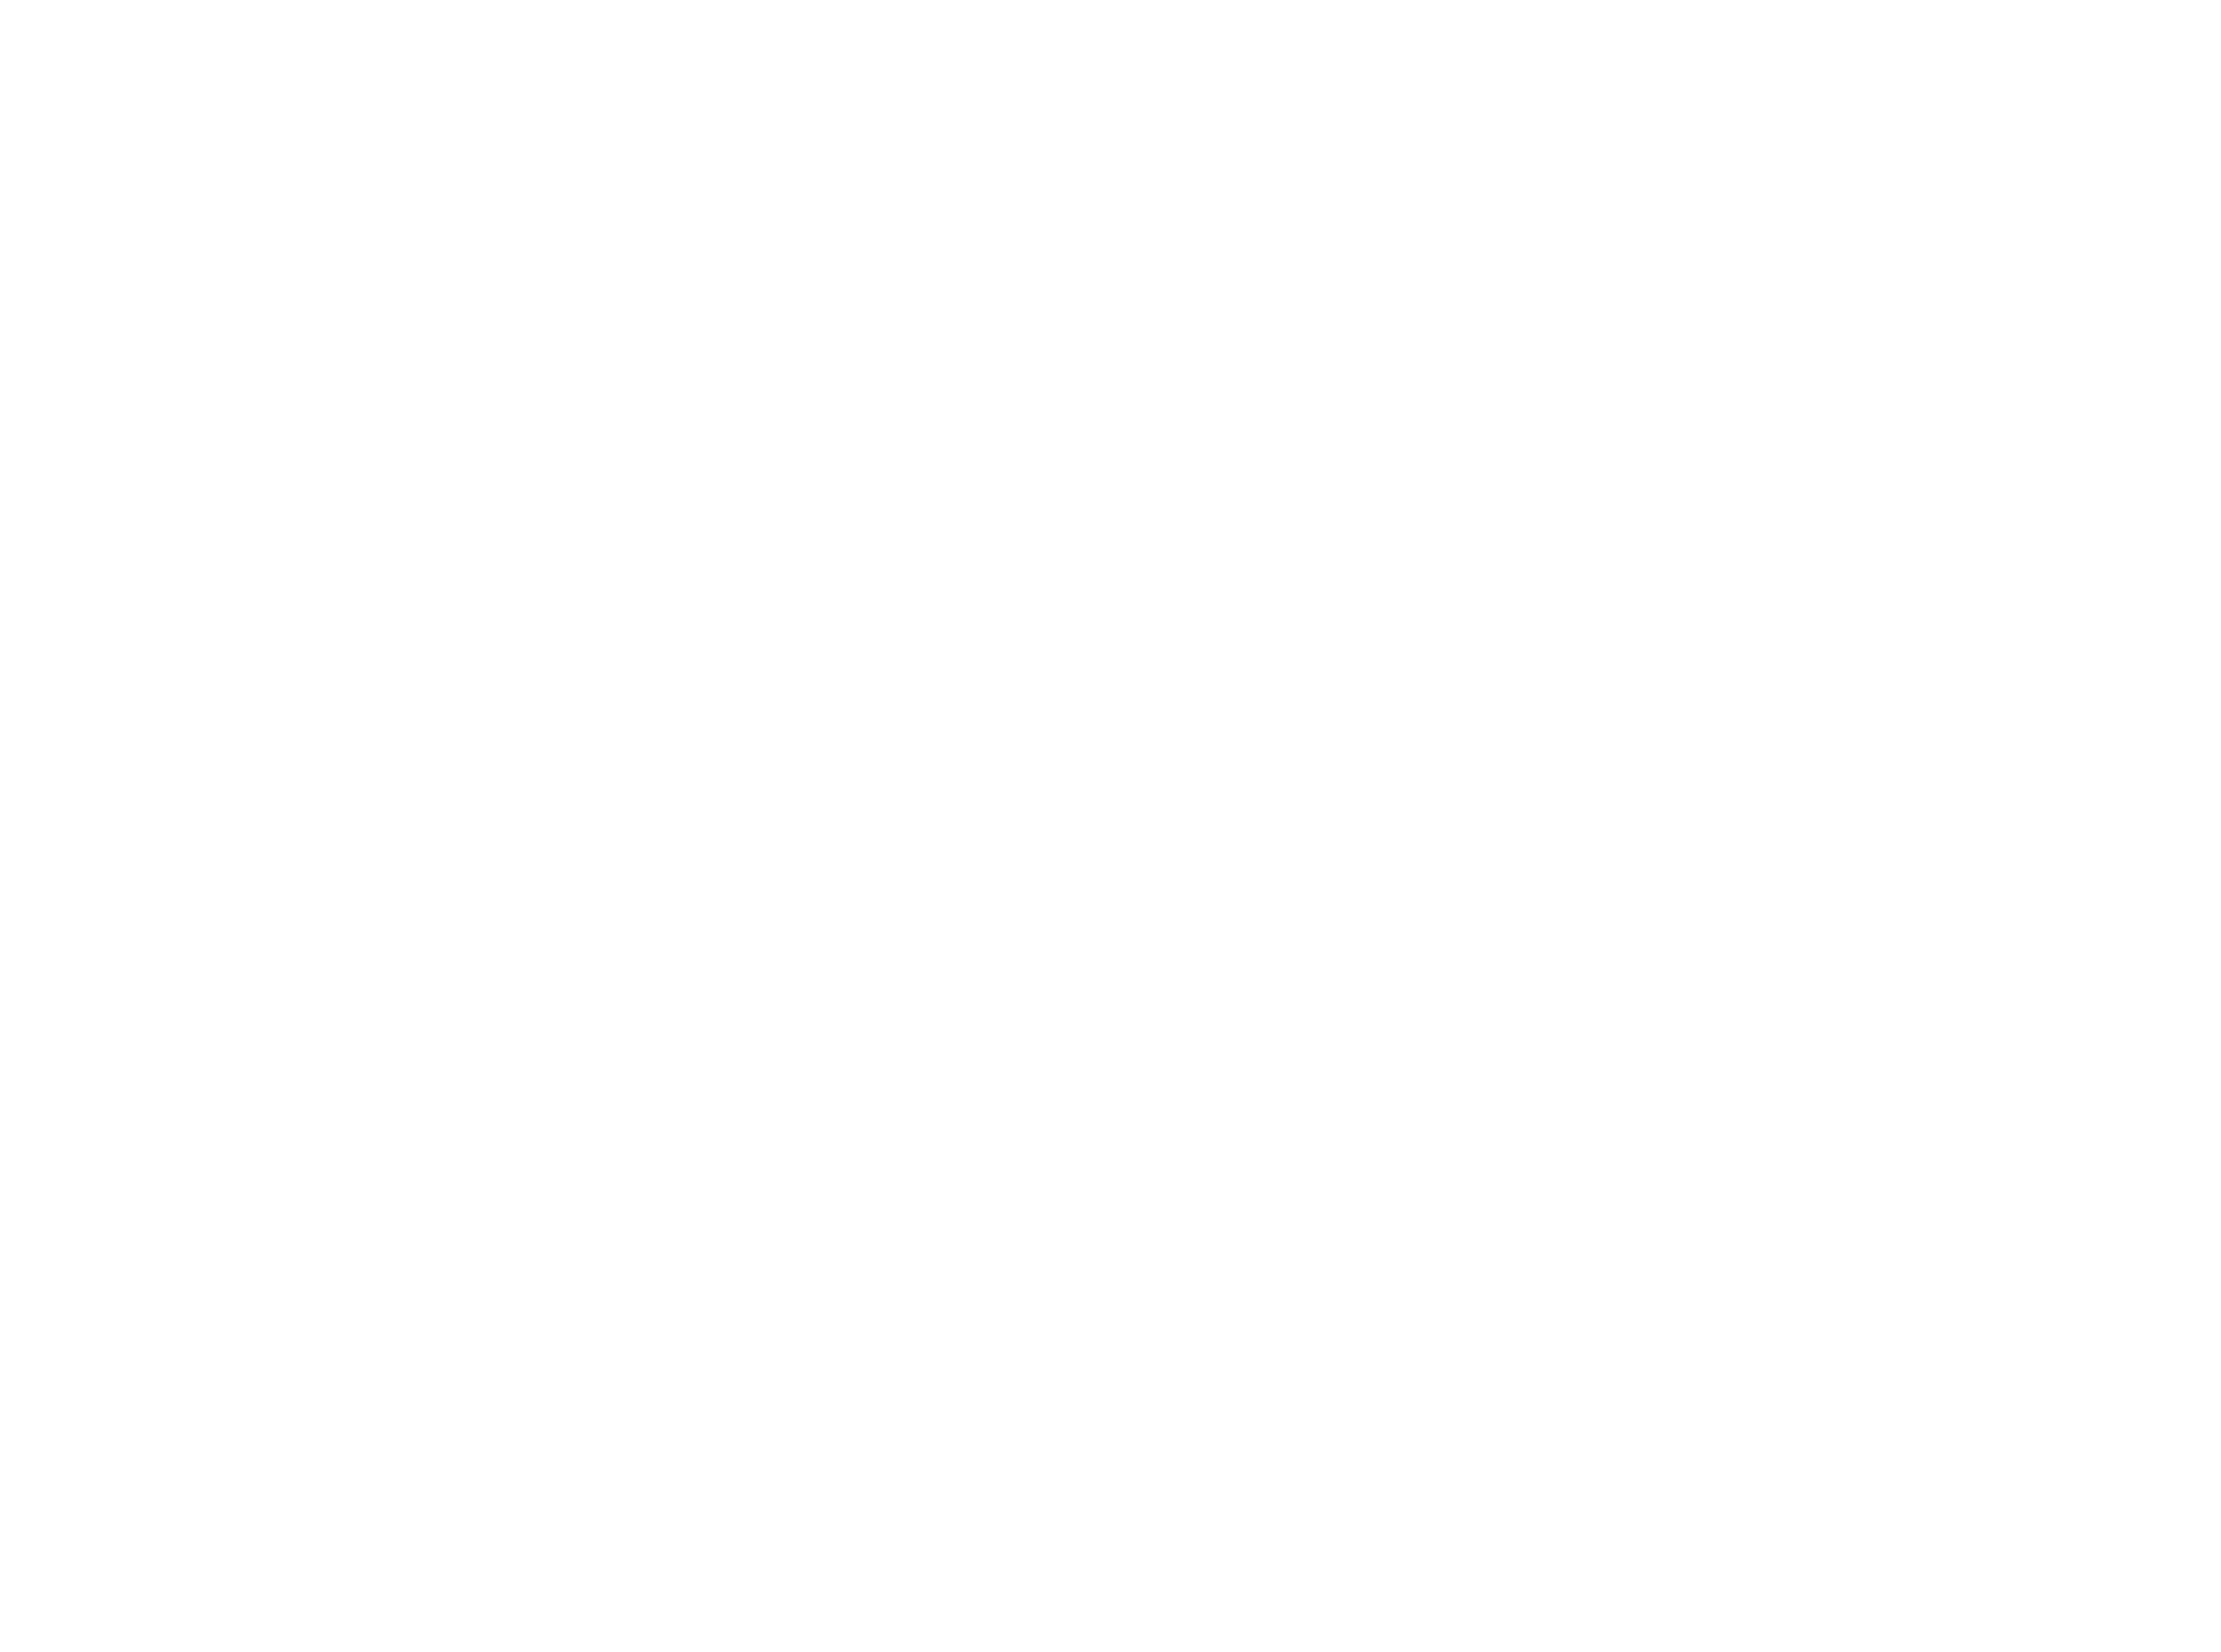 Assist PC s.a. - Notre priorité, c'est vous !